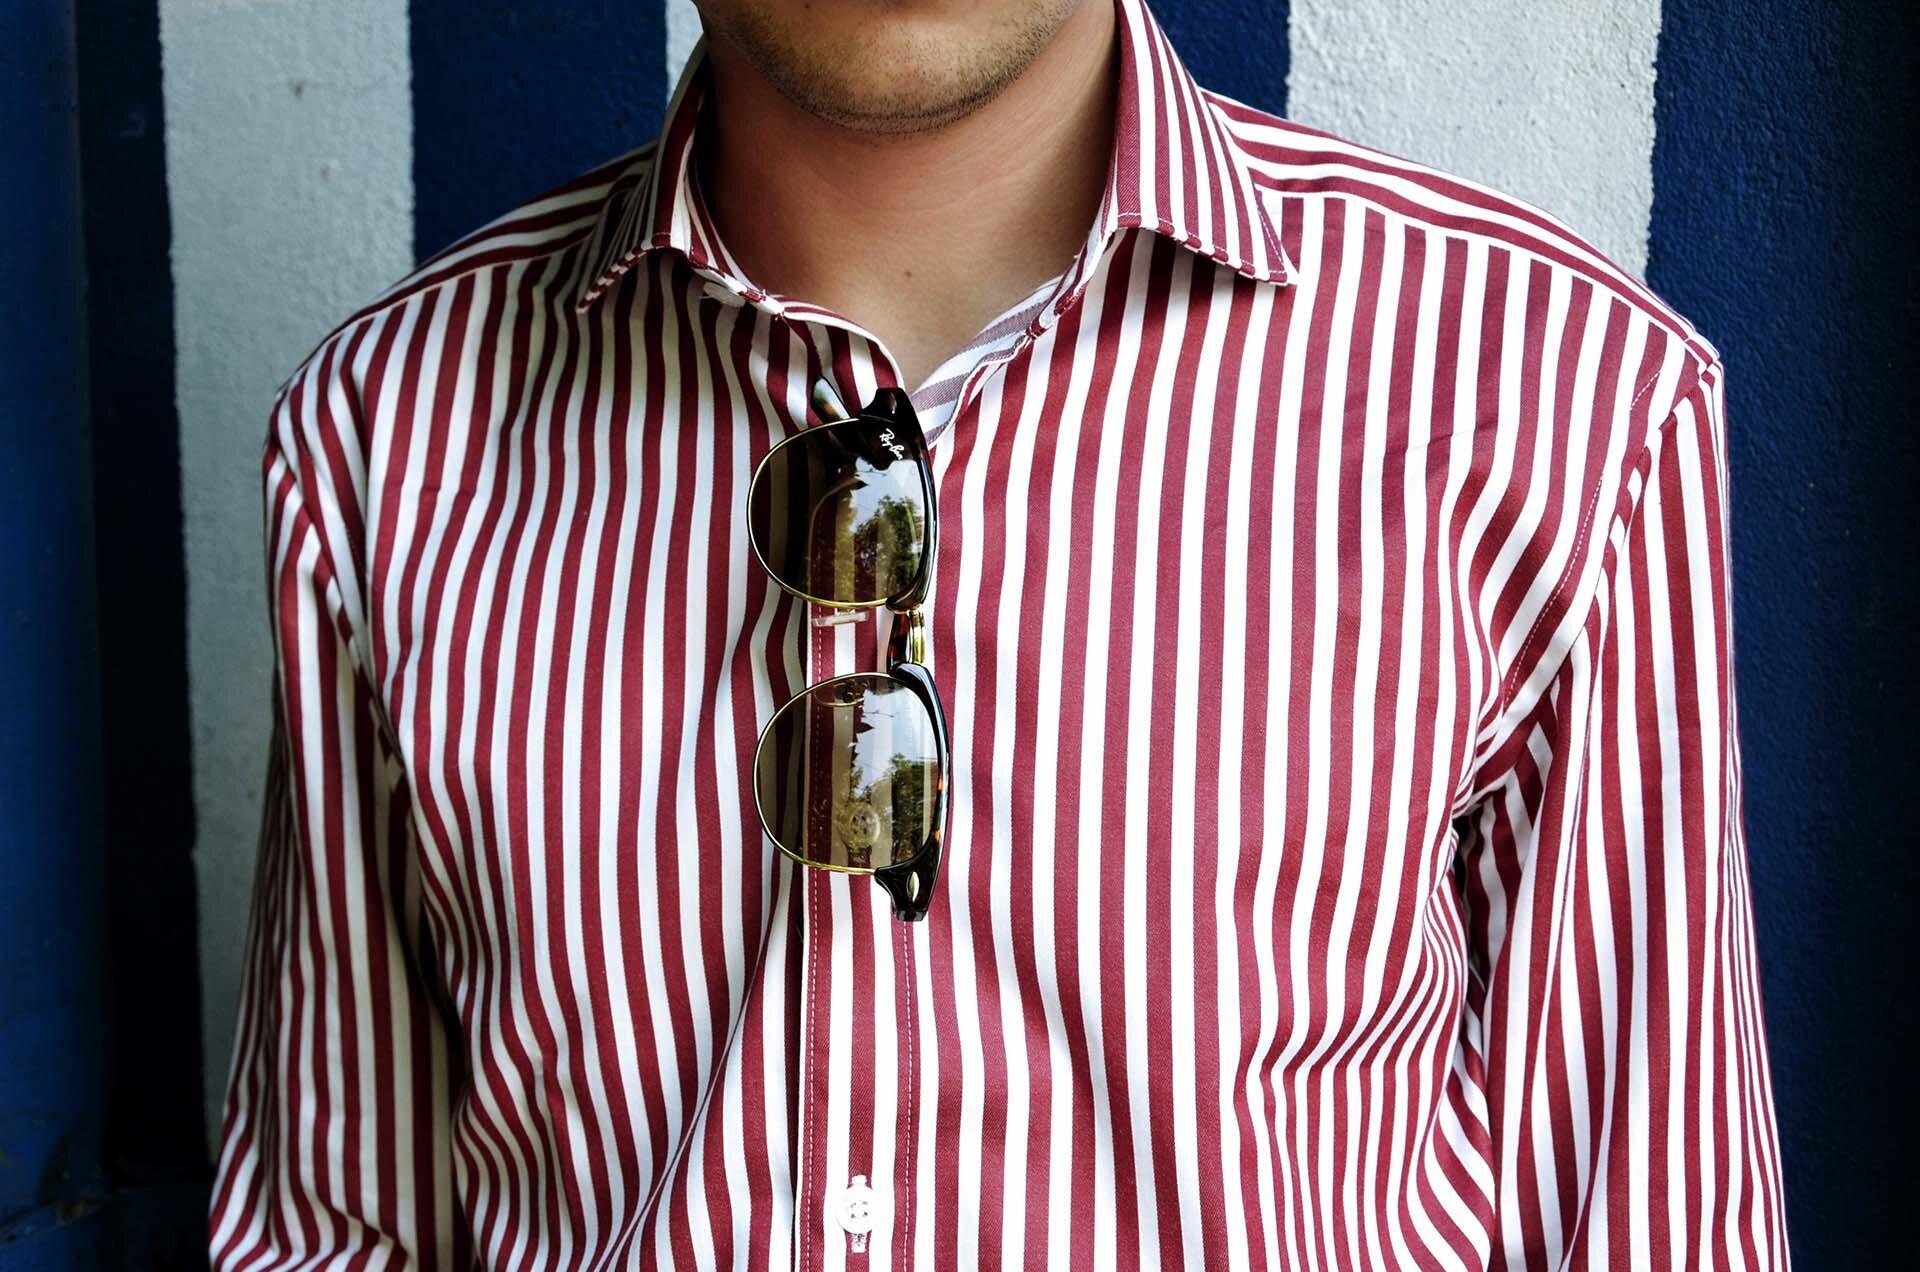 GMALE by Grzegorz Paliś, blog o modzie męskiej, koszula w paski, James Button, modne koszule, białe spodnie męskie, Kazimierz, Ulica Szeroka